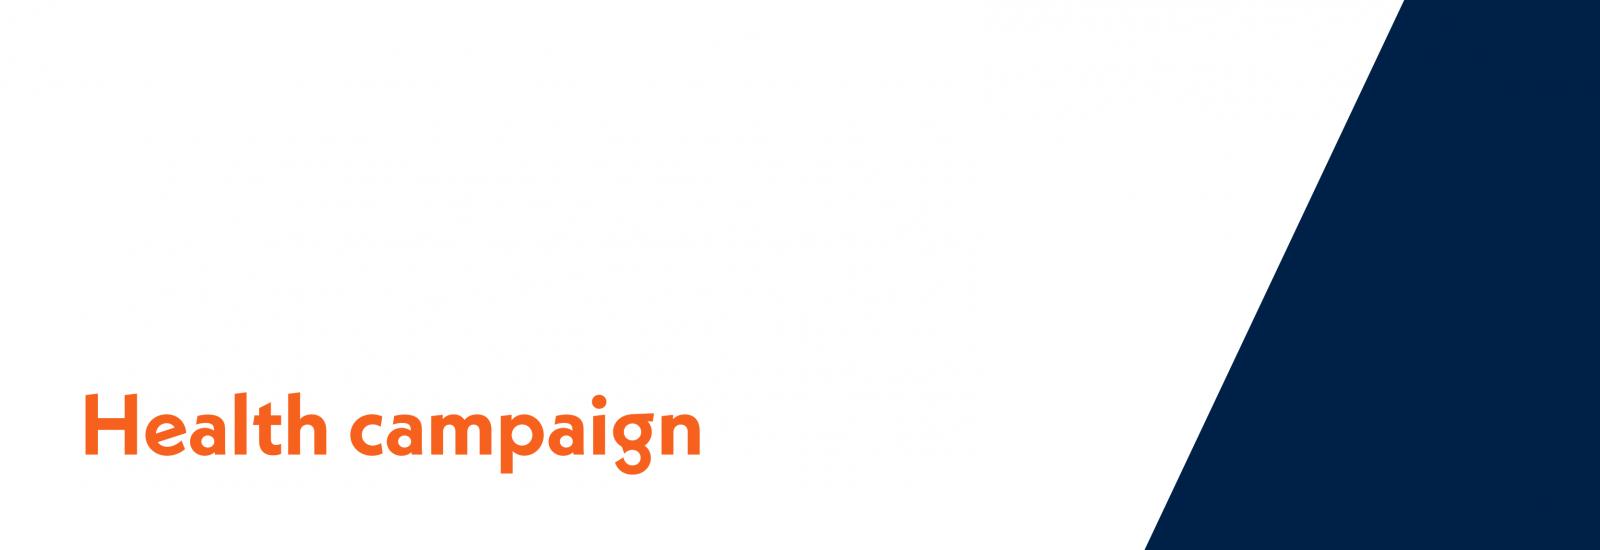 Health campaign